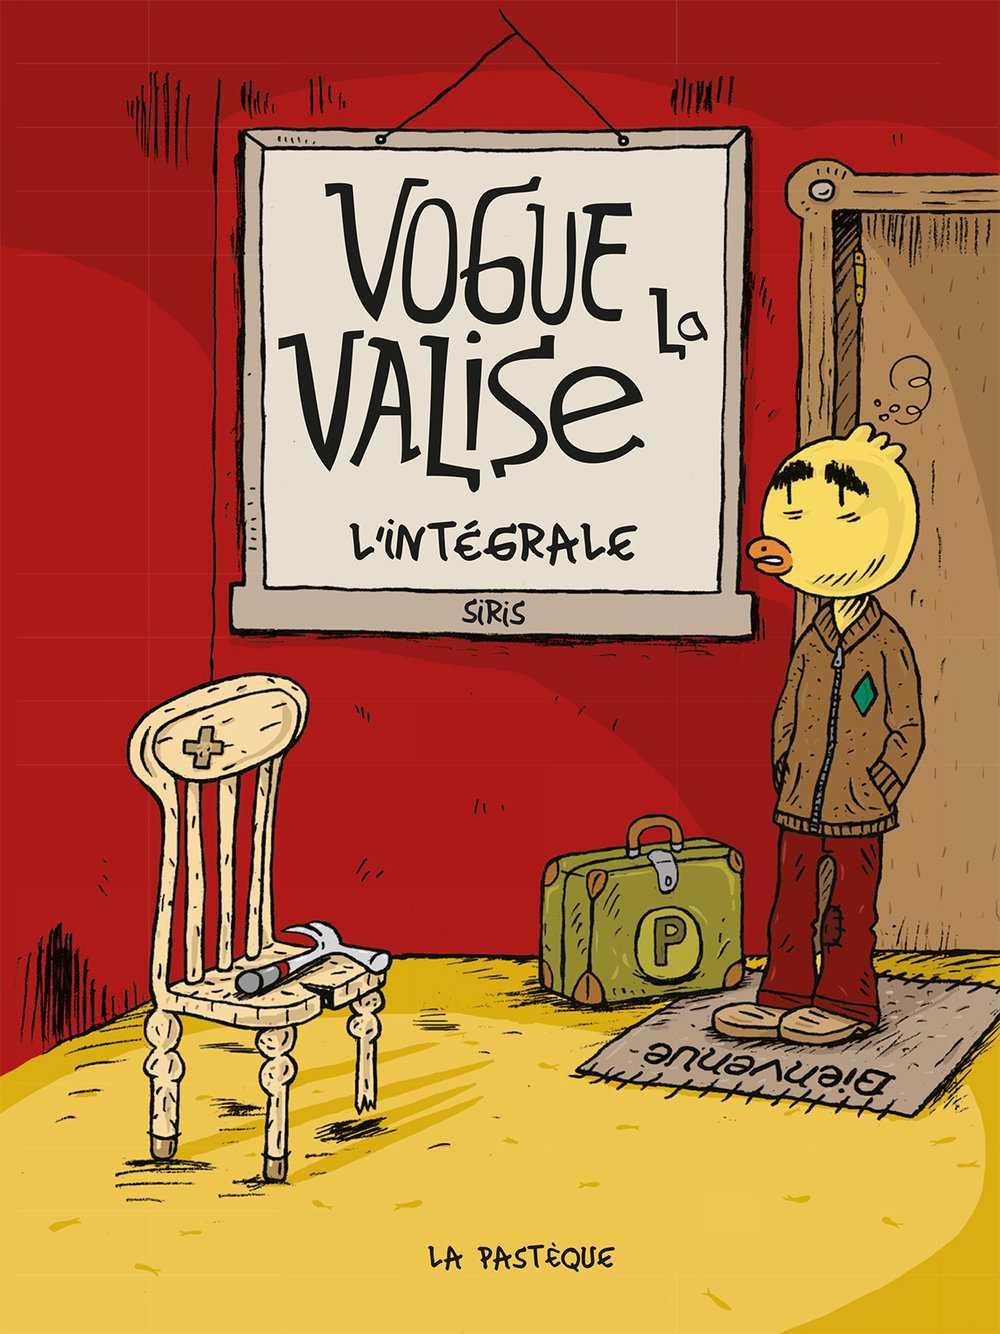 Vogue la valise, l'intégrale prix ACBD de la BD québécoise 2018